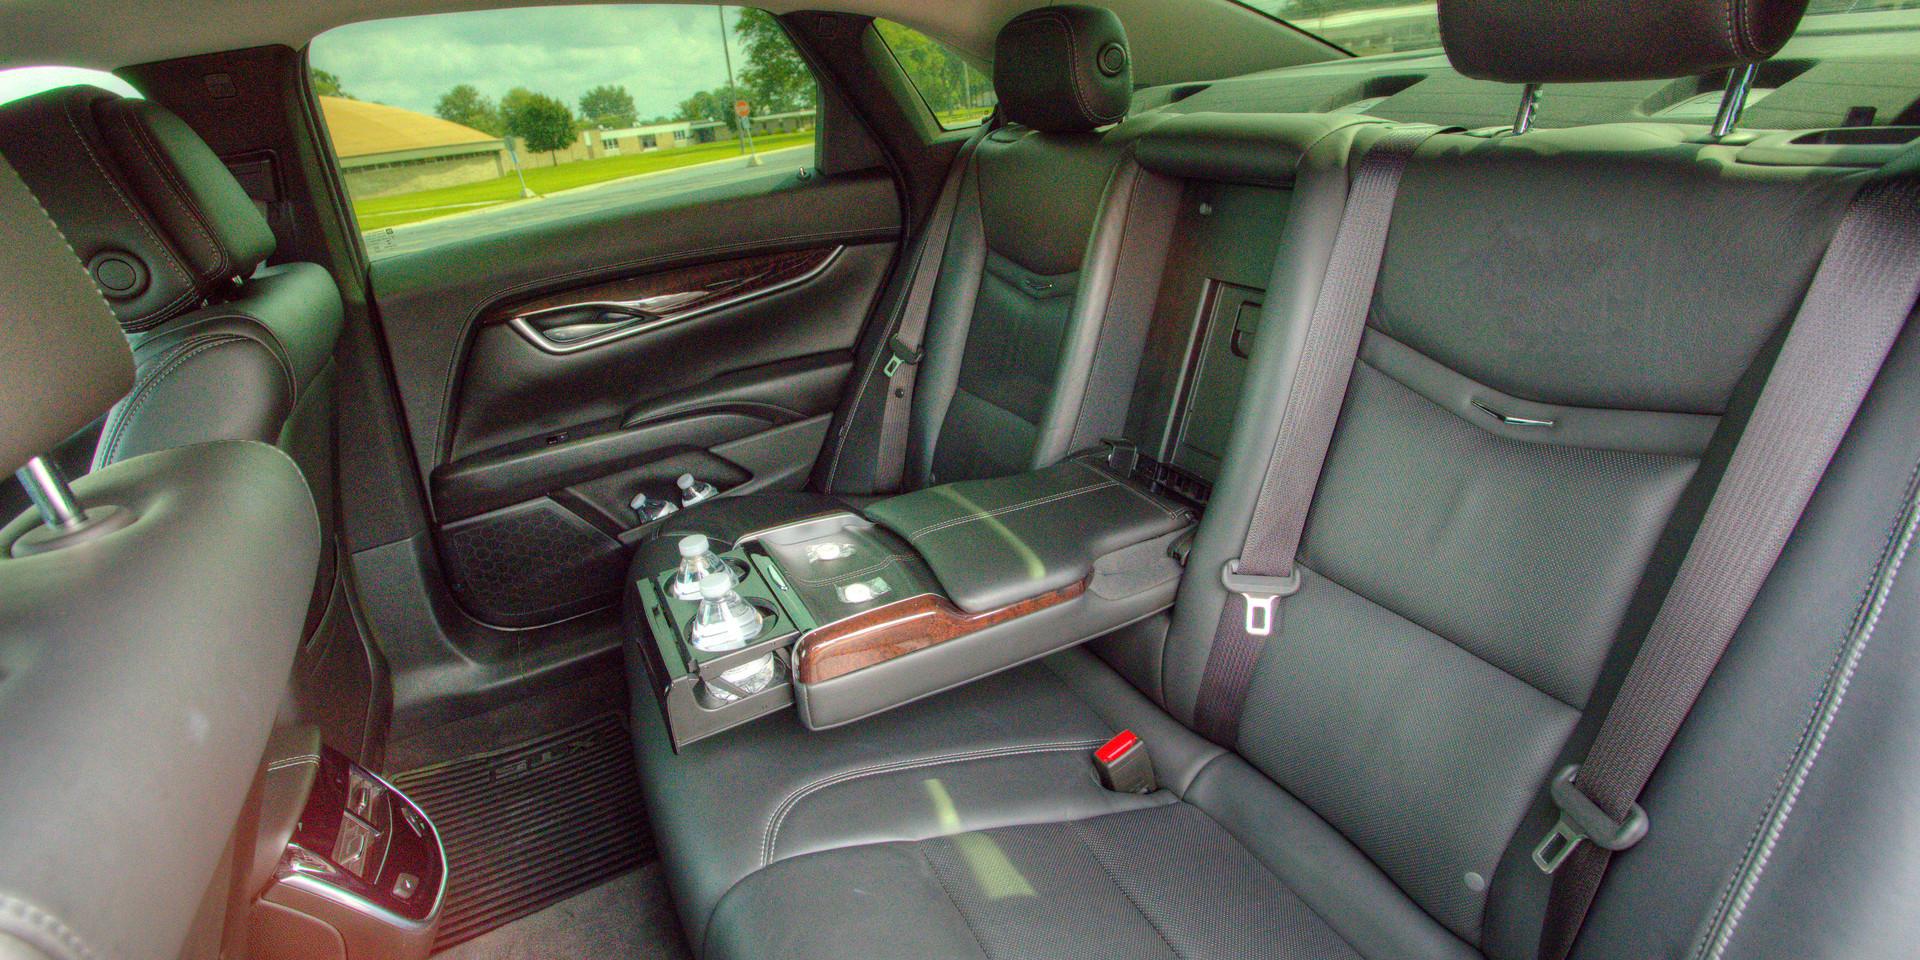 Cadillac Interior 6